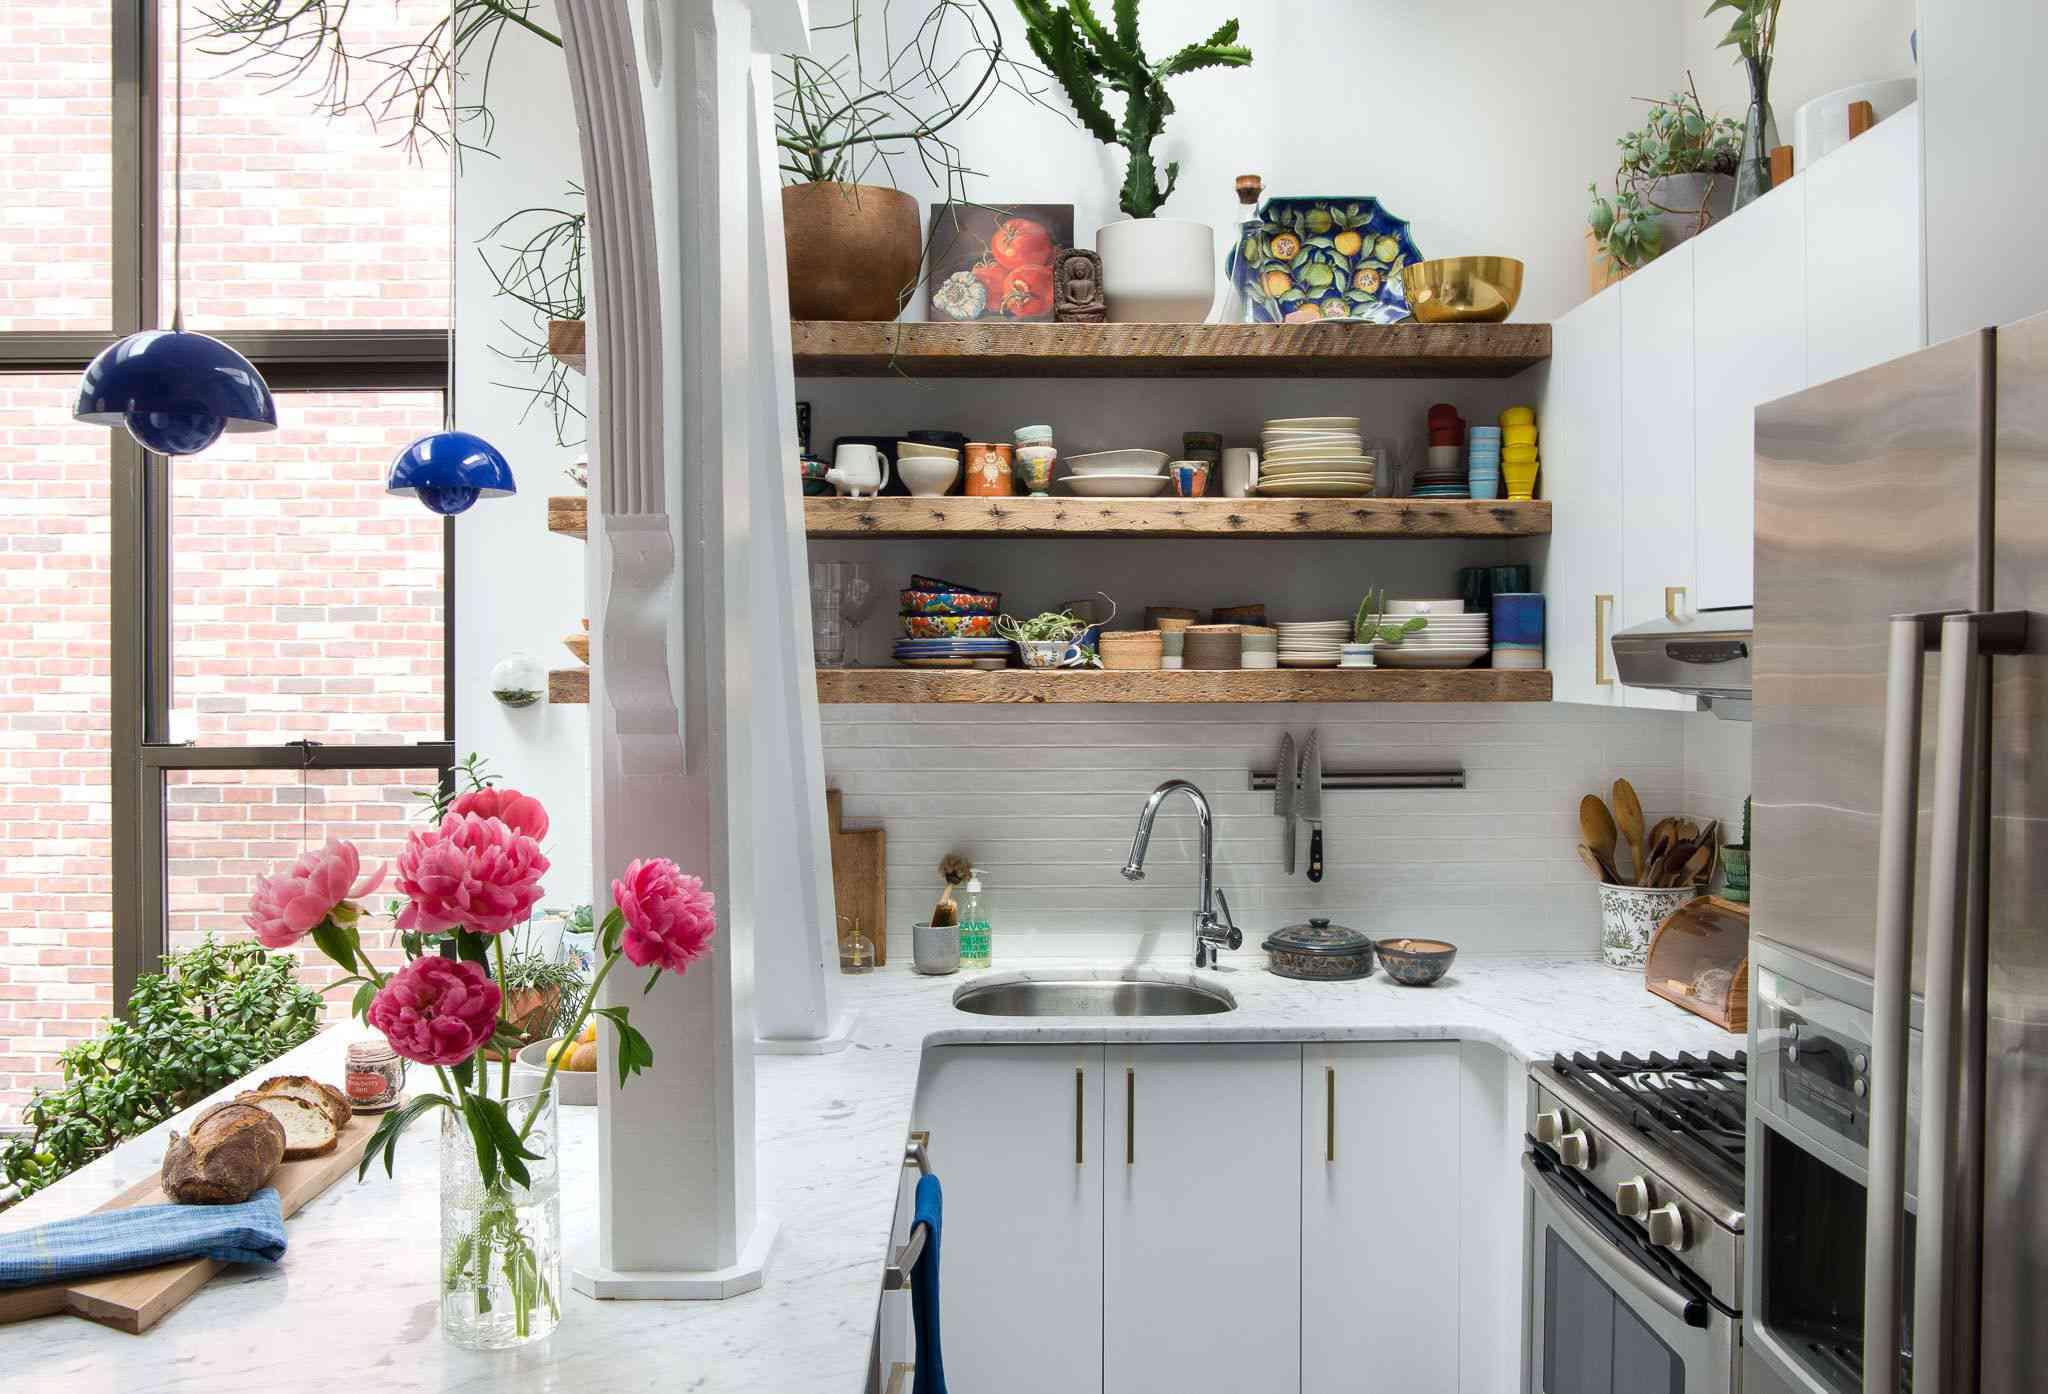 cocina rústica y bonita de Brooklyn